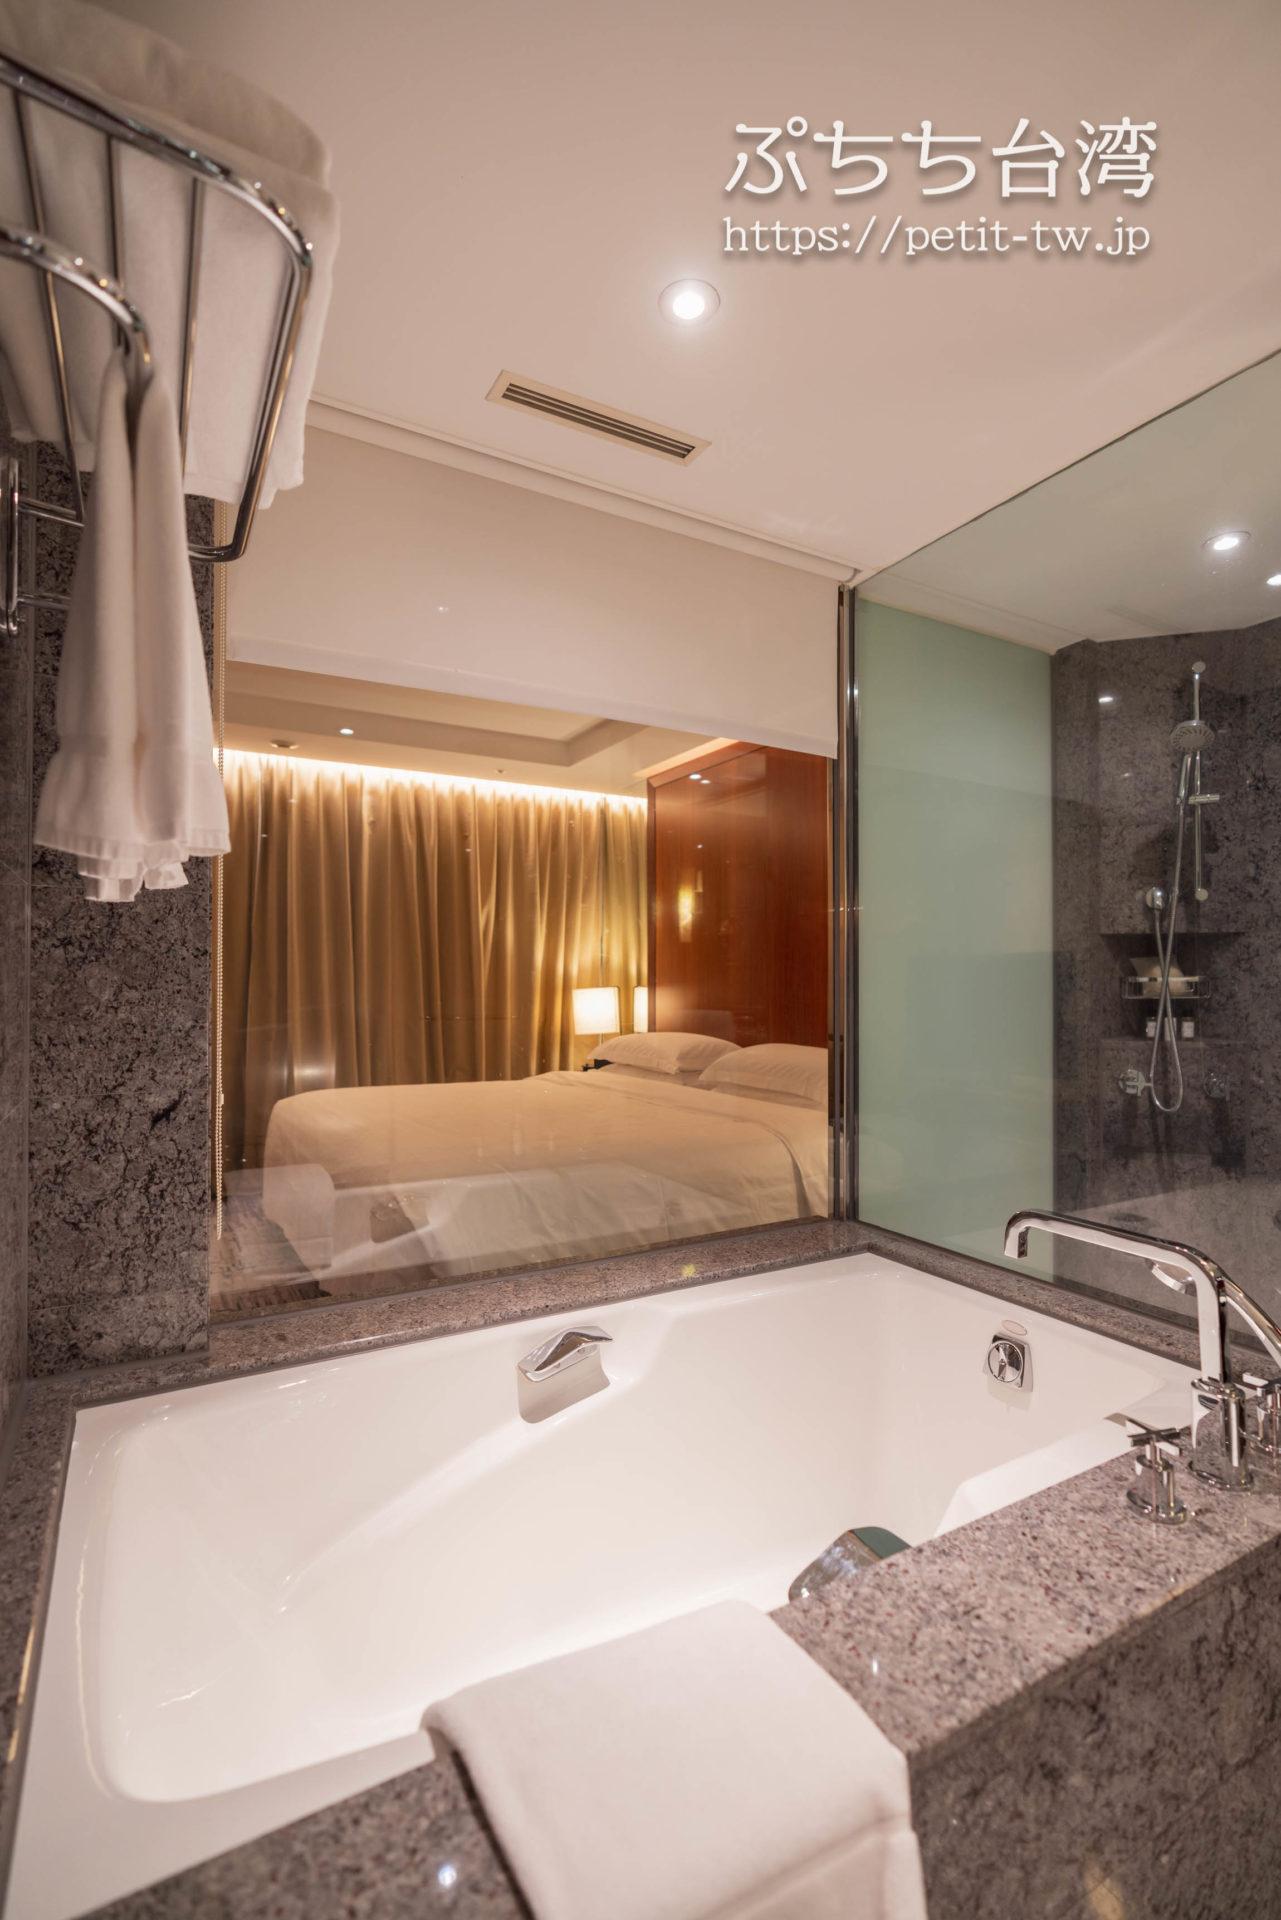 シェラトングランド台北ホテル バスルーム